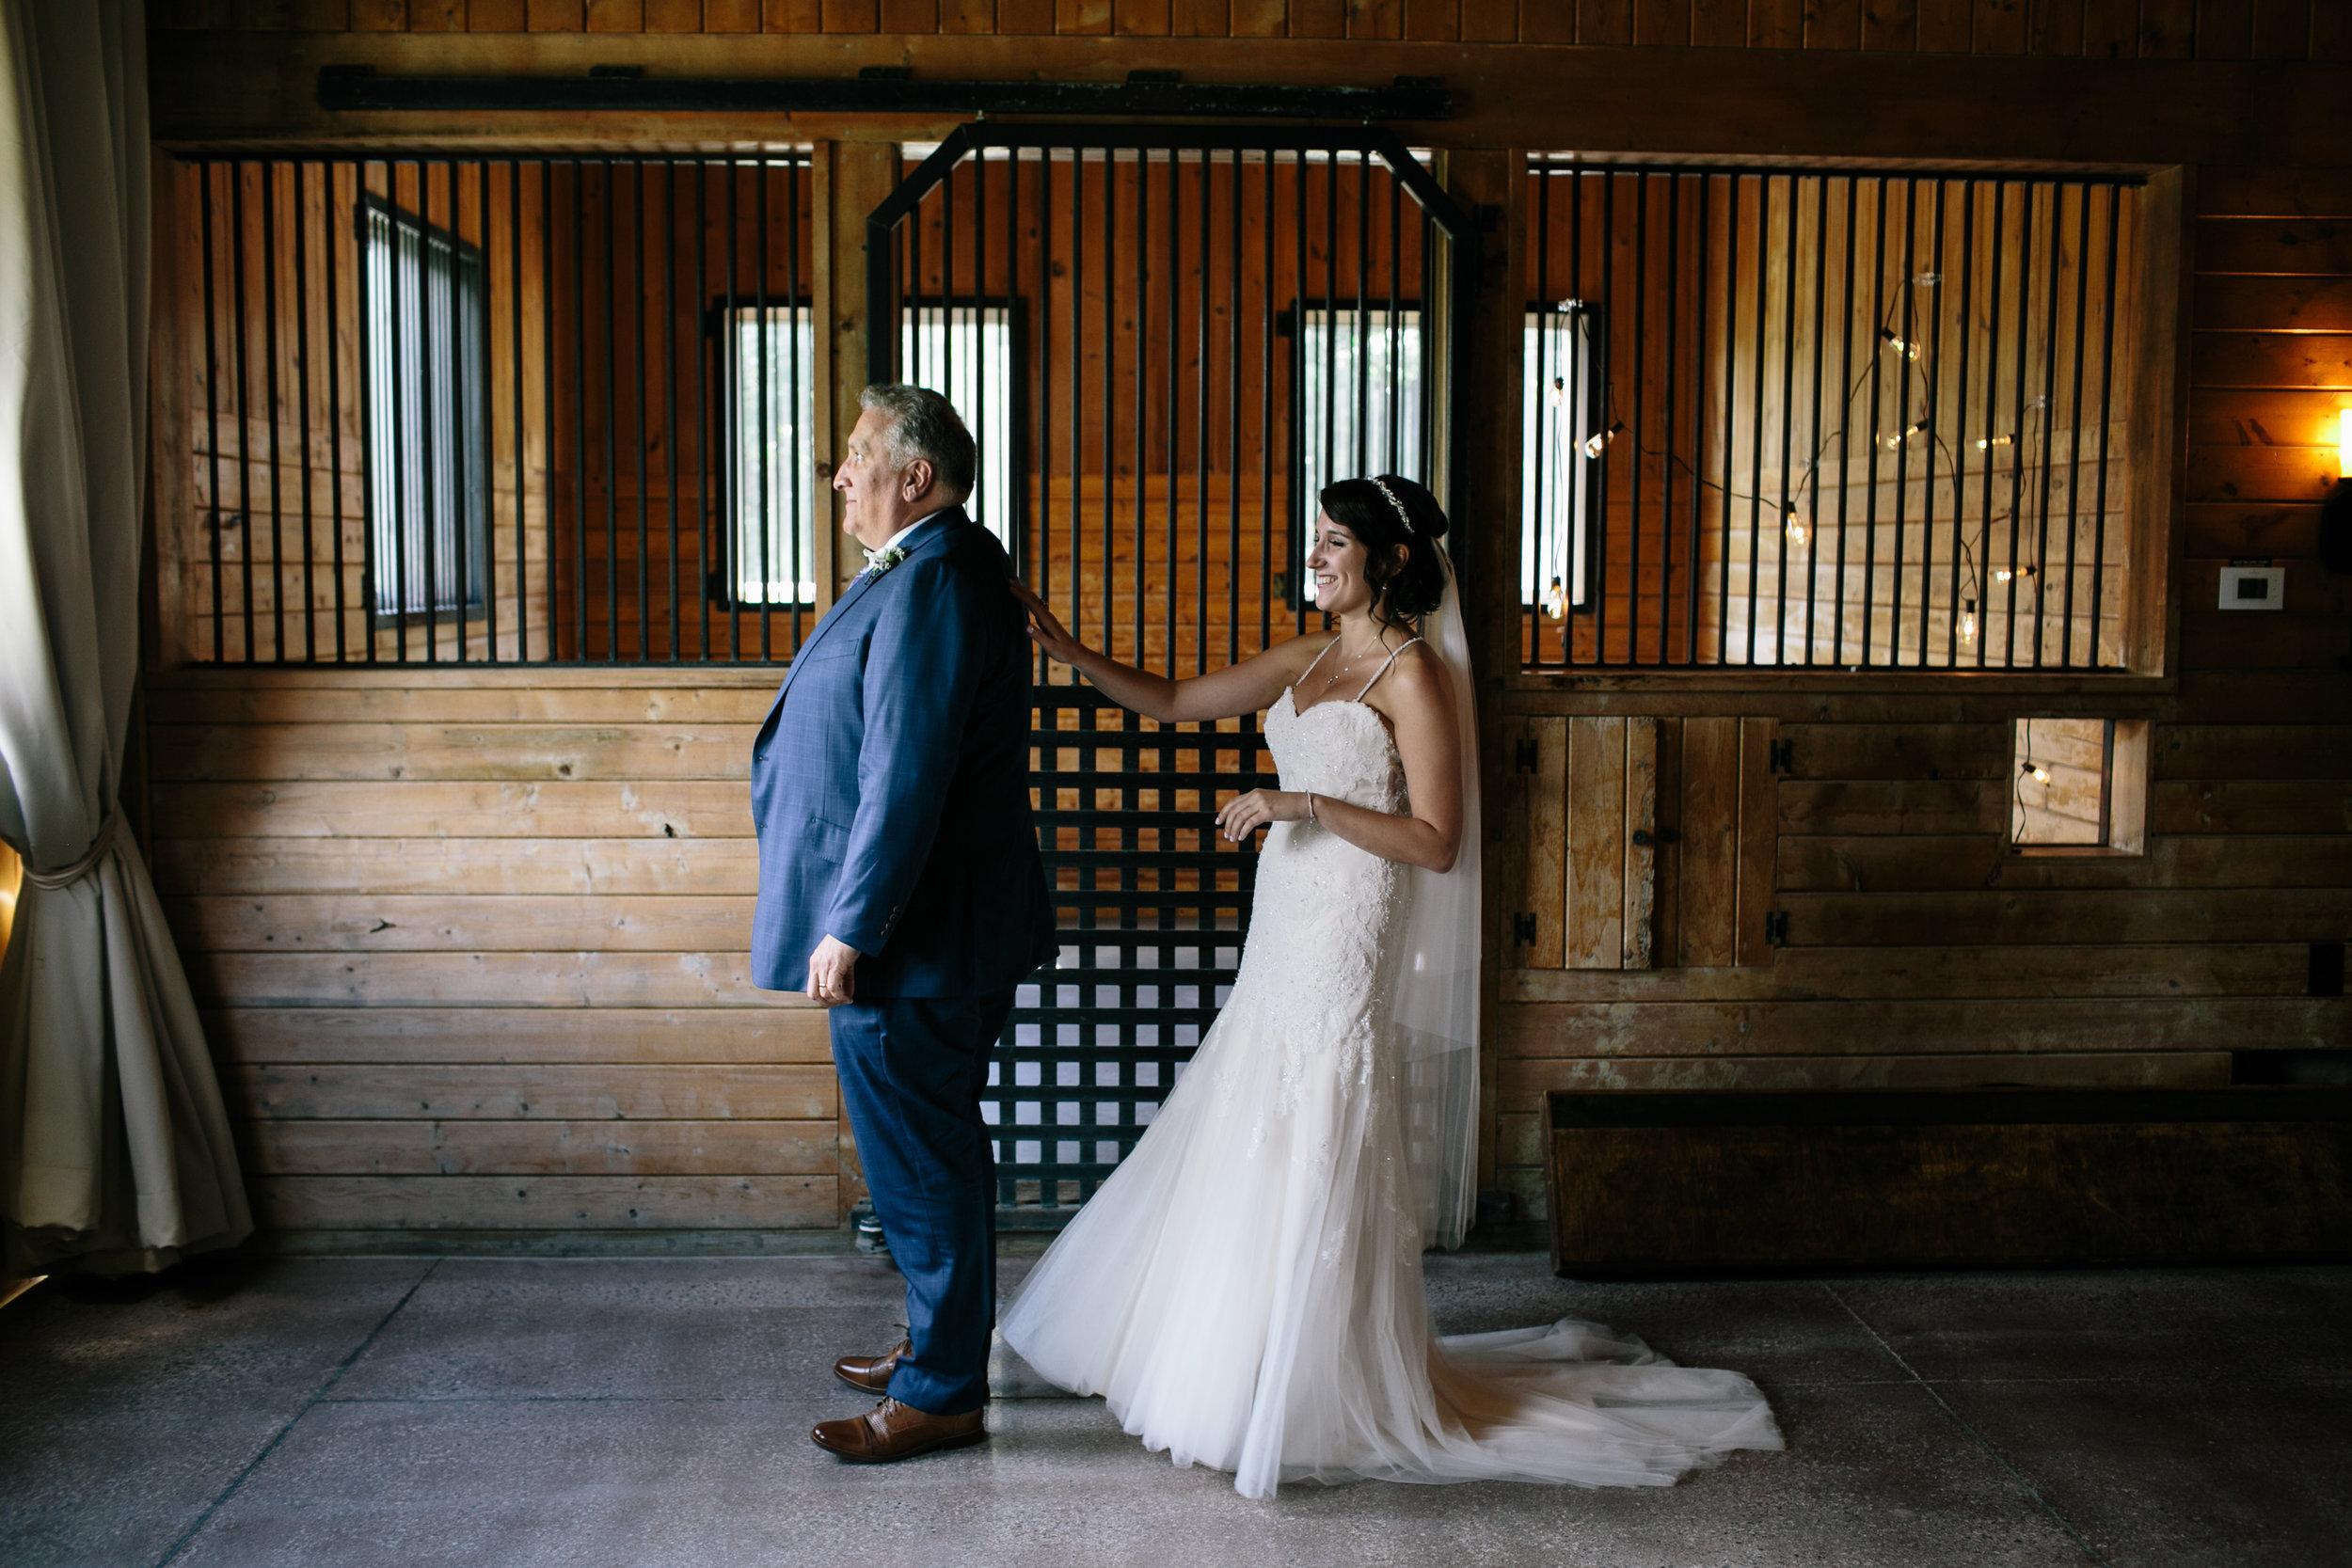 097_Jared_Kristen_wedding.jpg